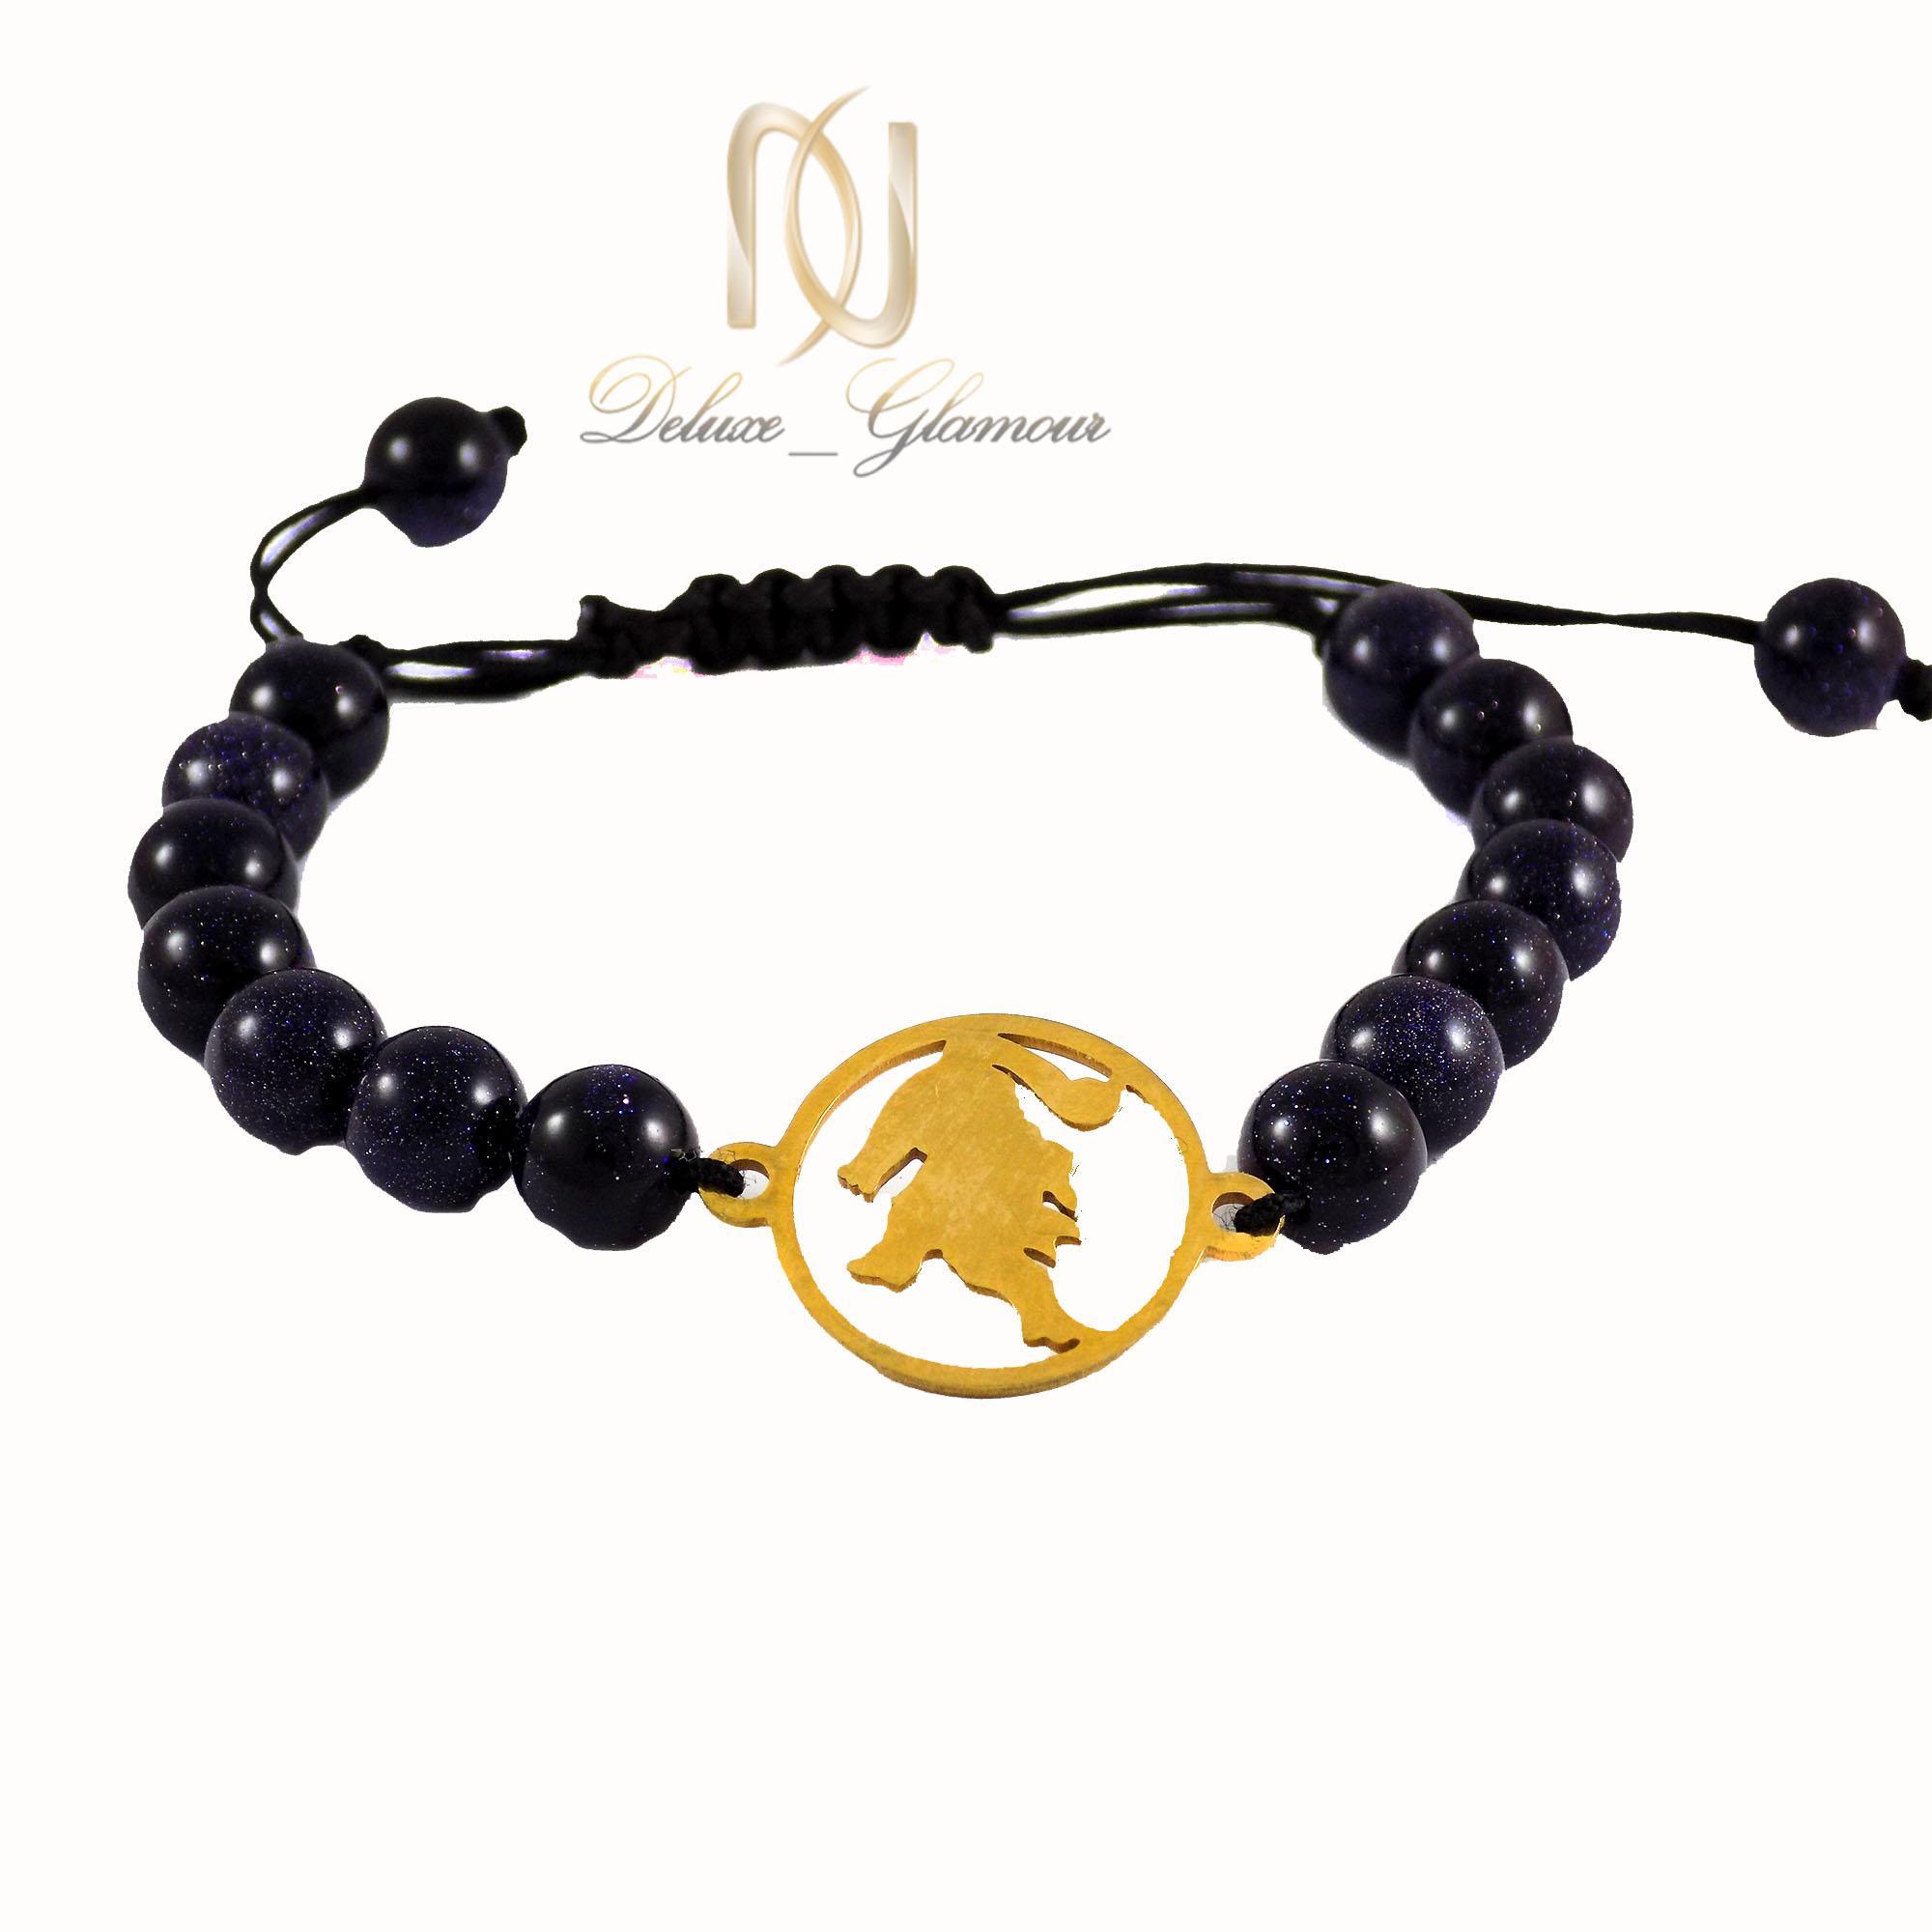 دستبند سنگ ماه تولد مرداد با نماد شیر ds-n437 از نمای روبرو